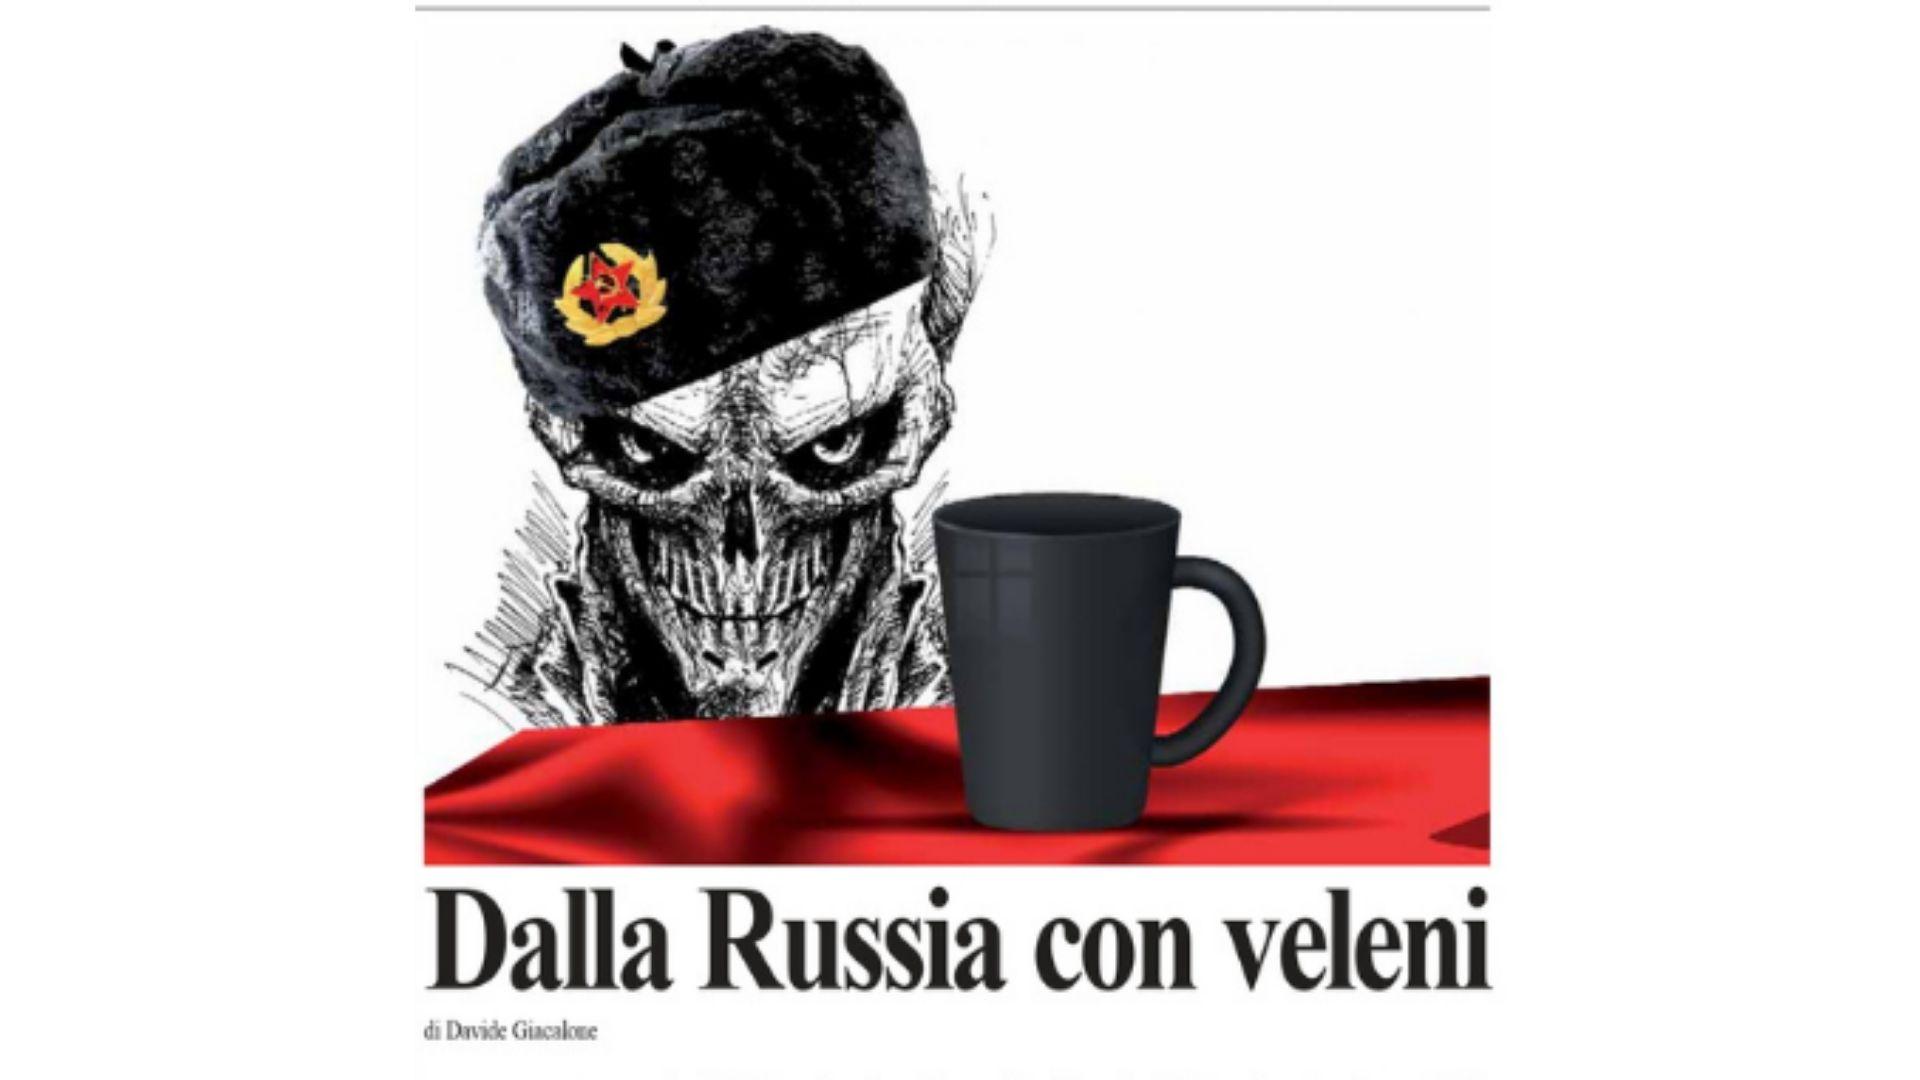 Dalla Russia con veleni